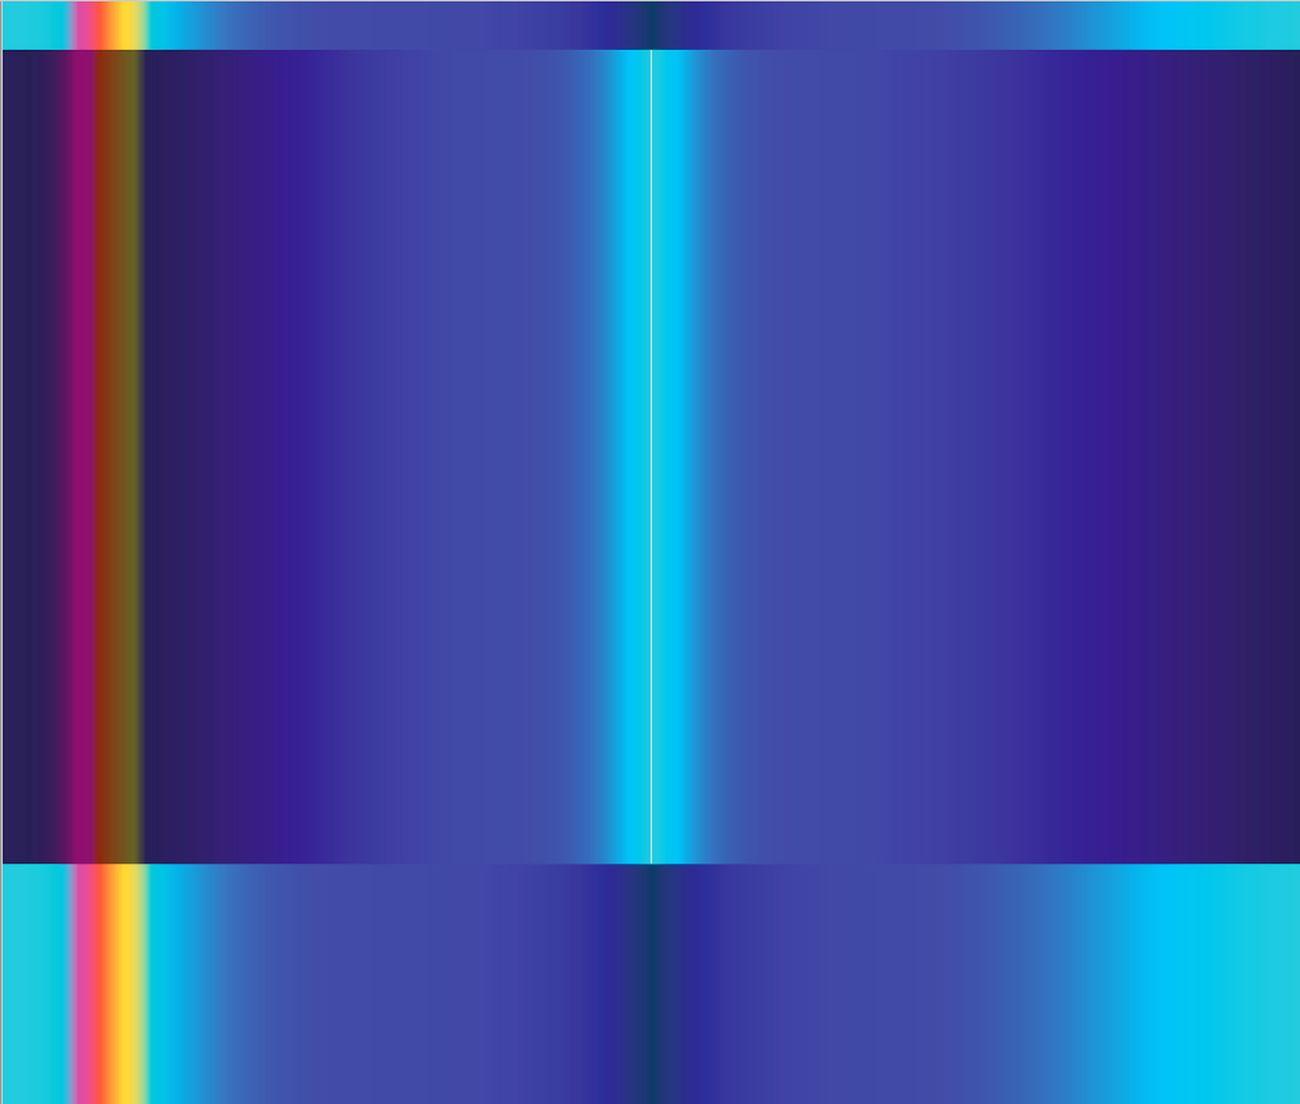 Immagine di un'opera di Tornquist tratta da un booklet del disco di Tiziano Milani, Light+Color+Sound (music for Jorrit Tornquist's exhibition) (Setola di Maiale, 2018)